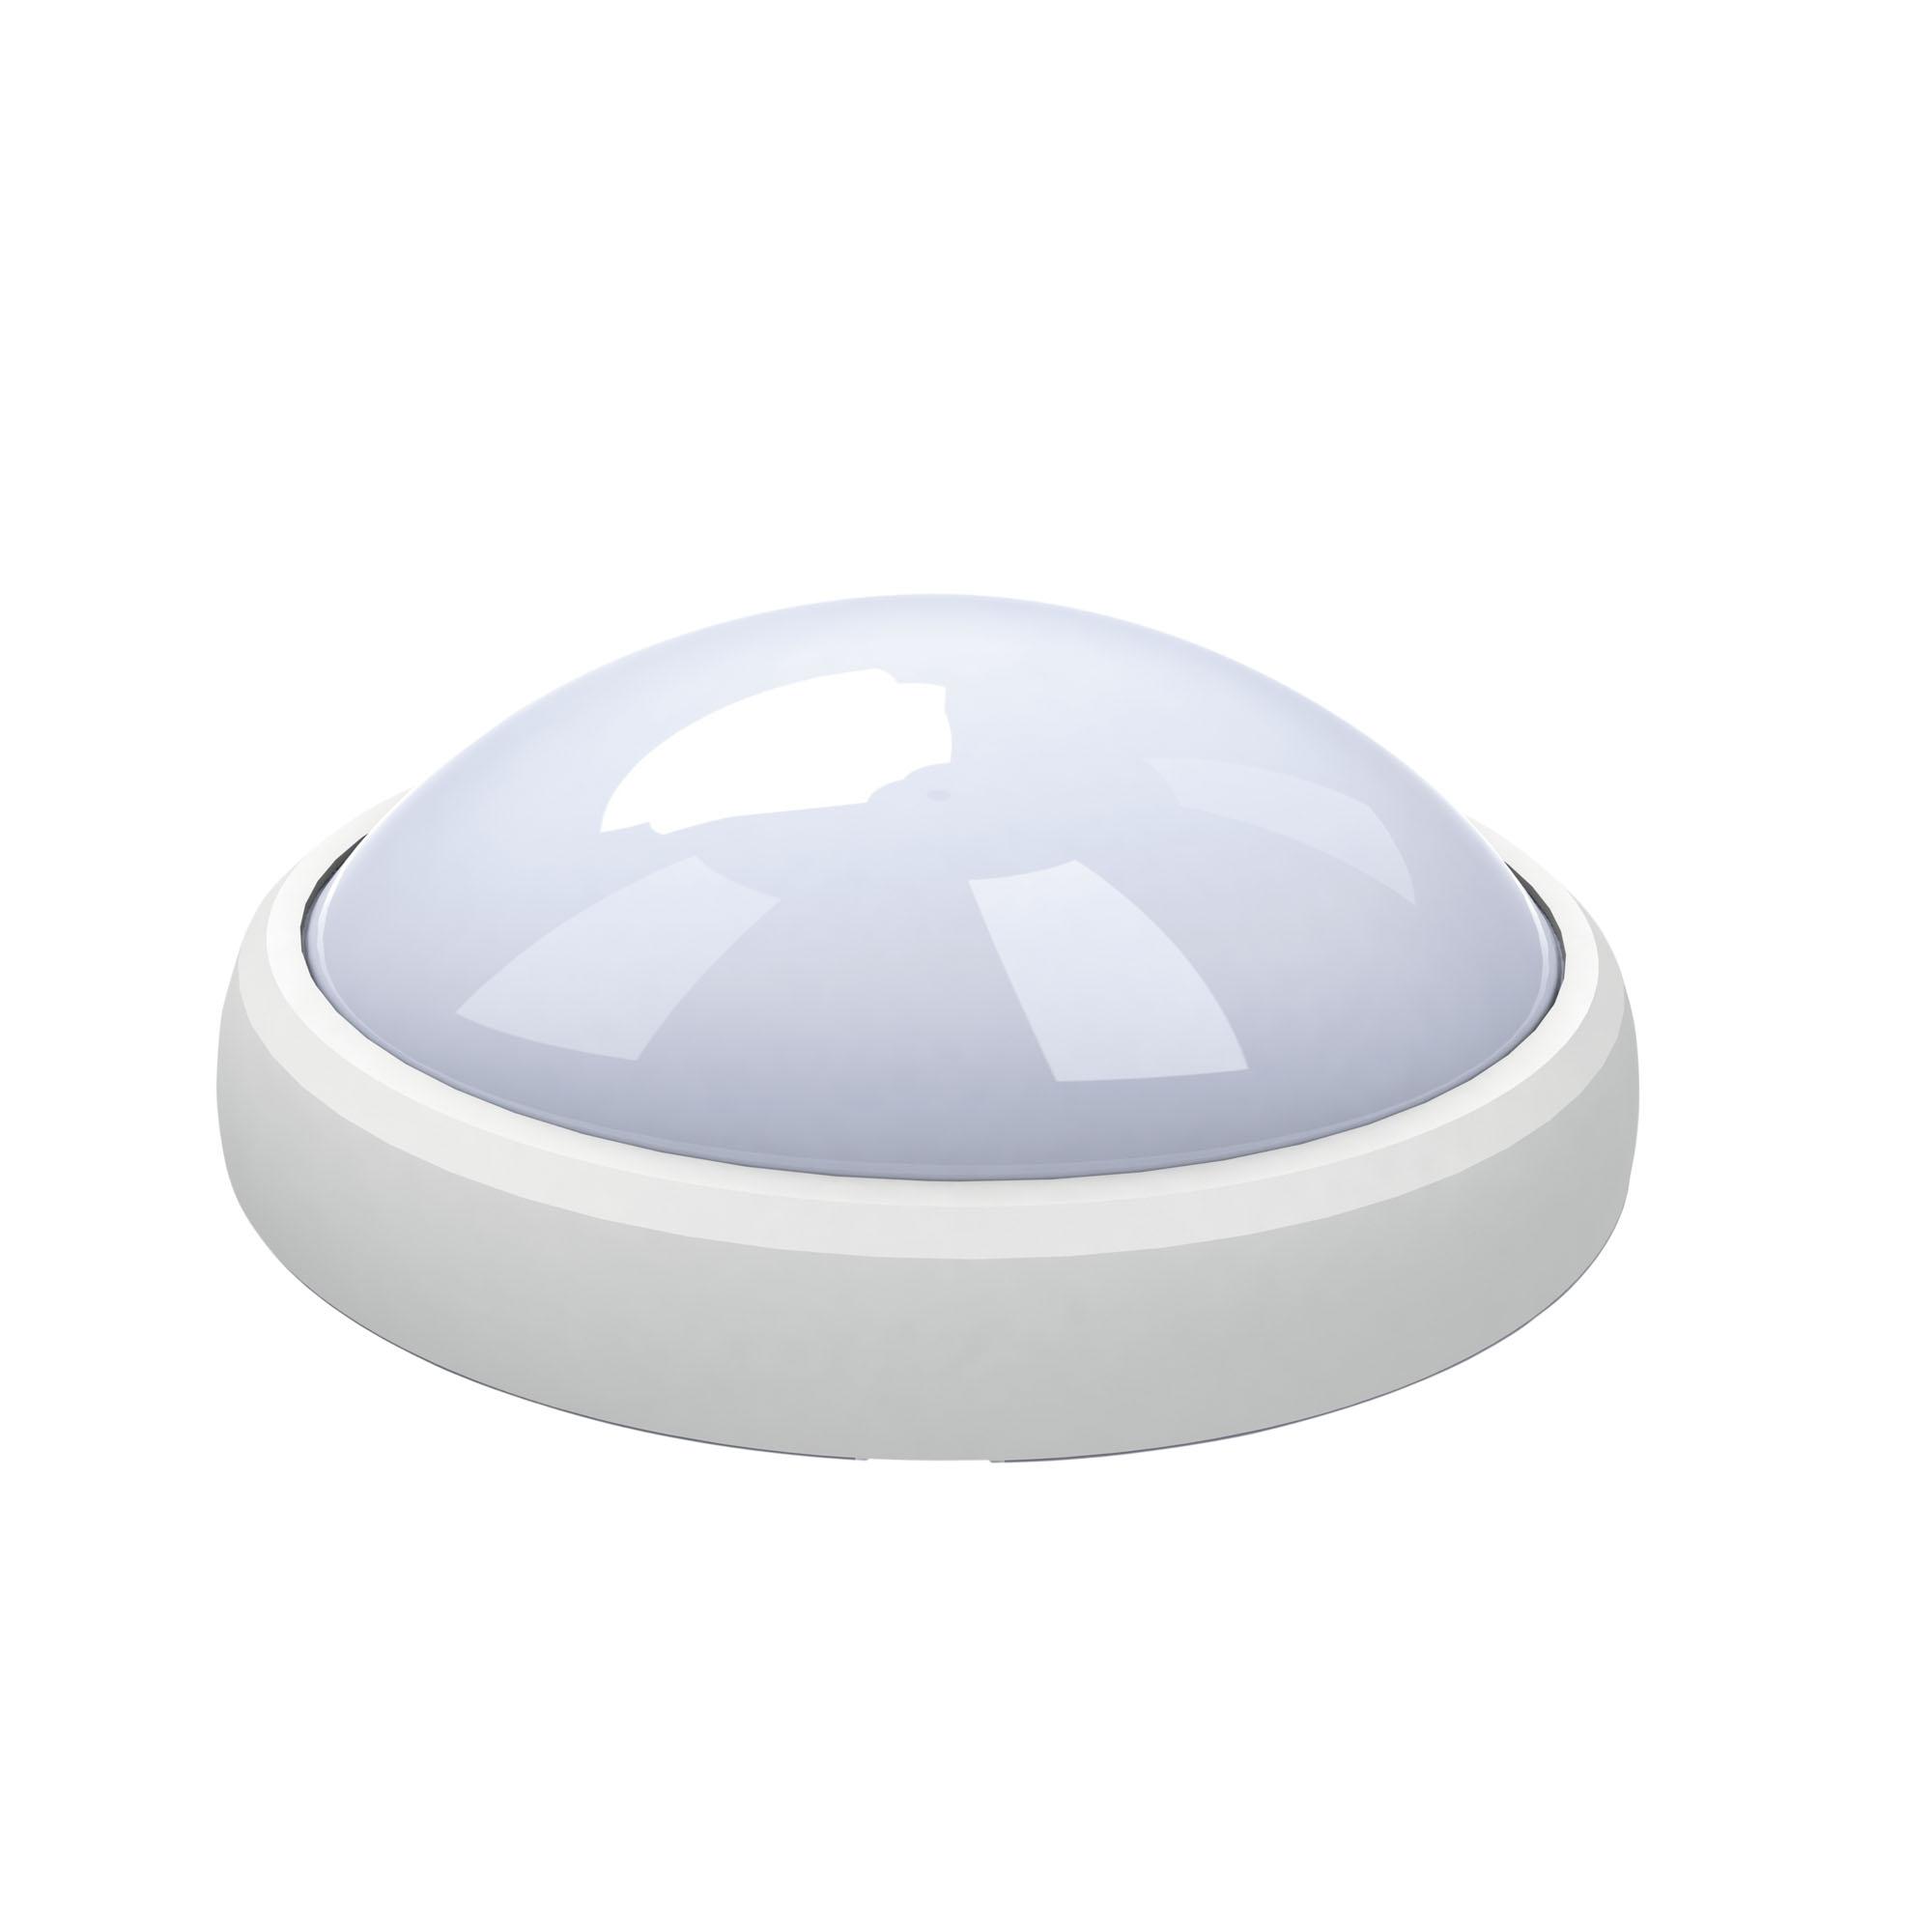 Светильник настенно-потолочный Uniel Ulw-o03-8w/nw ip65 white